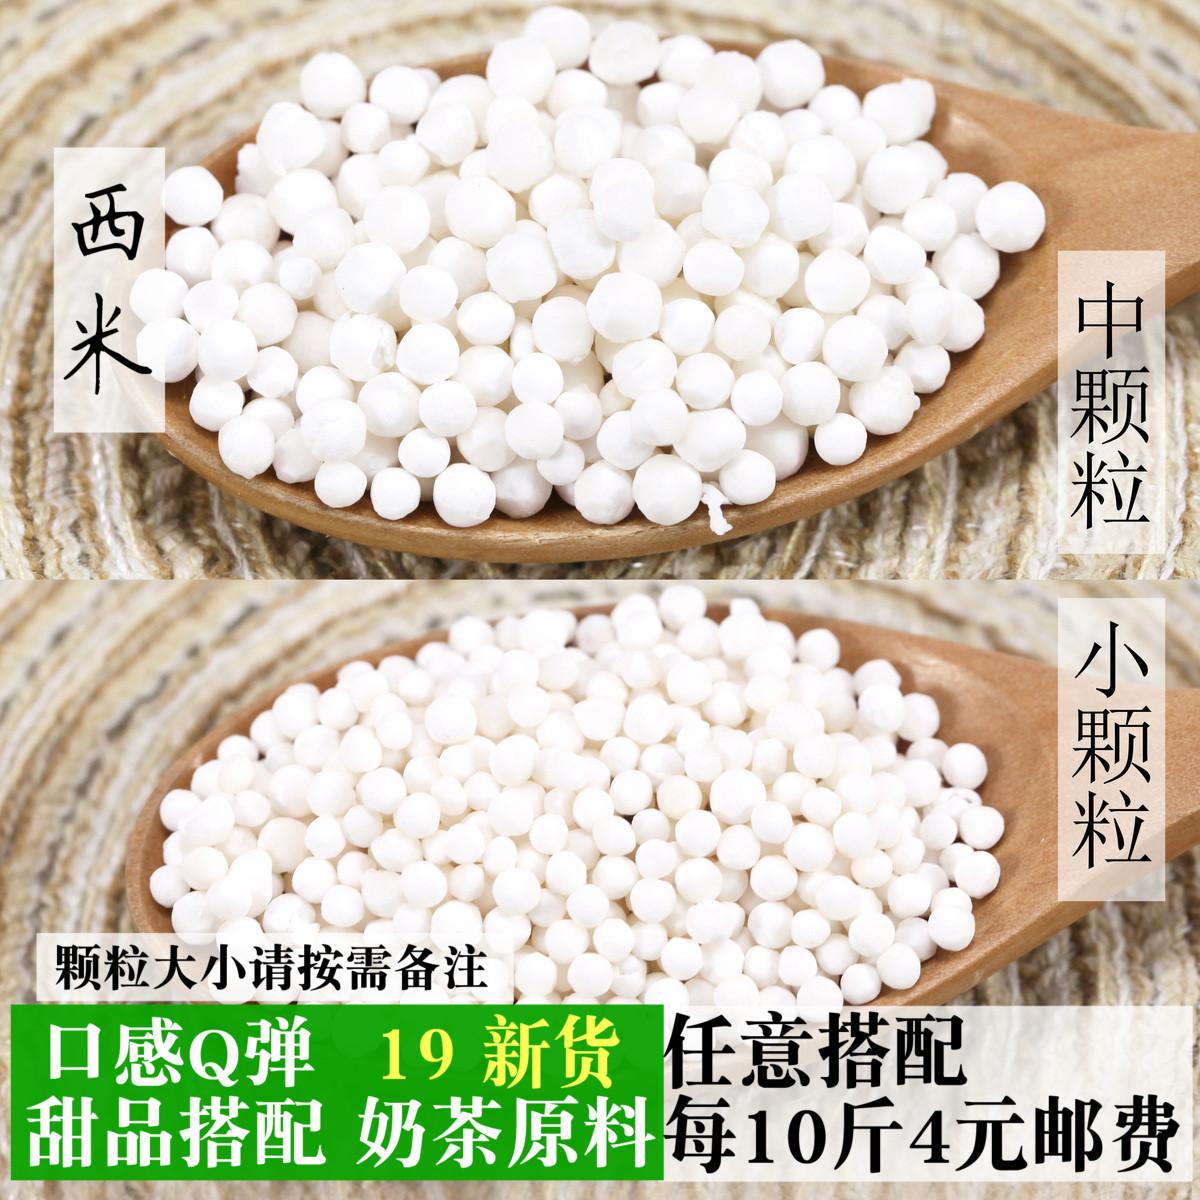 白西米小西米500g椰浆西米露水晶粽子奶茶水果捞原料中小粒批发